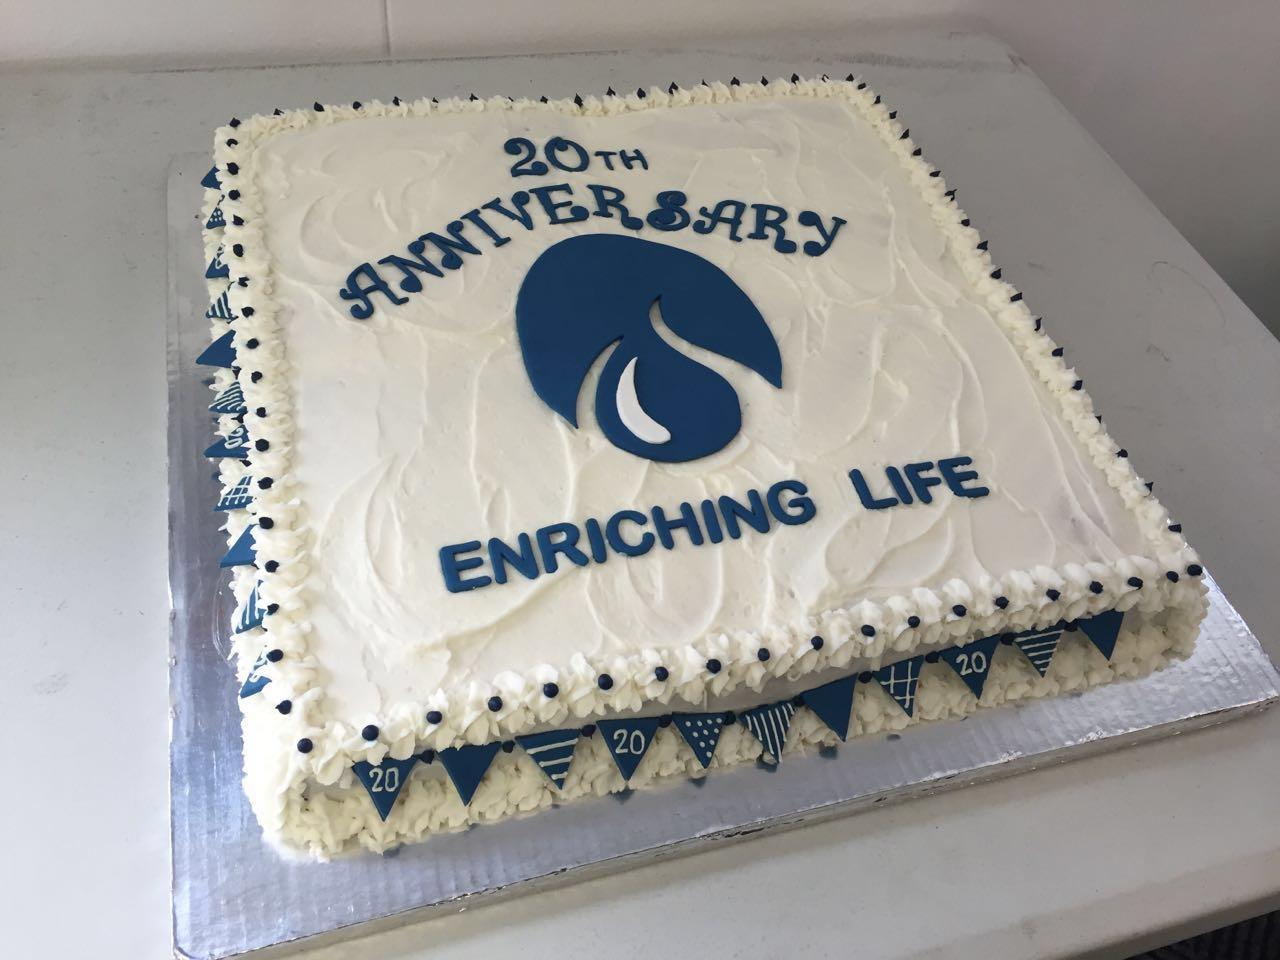 Cake 20th Birthday 1Anthony Brandt2018 03 05T115312 0000